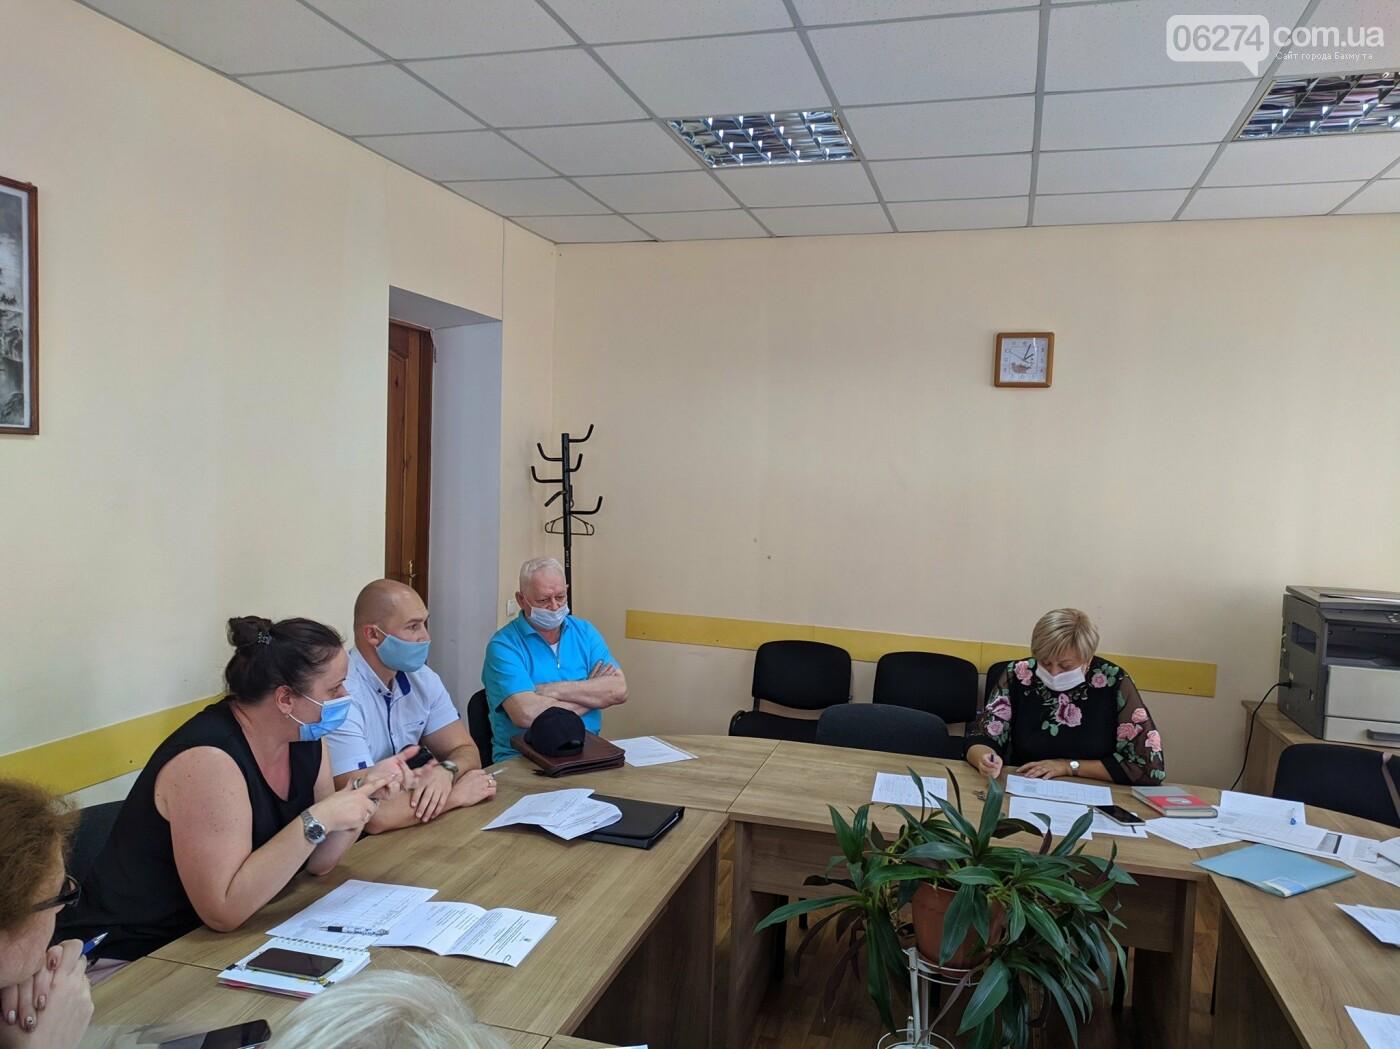 Прошло заседание городской комиссии о вопросам погашения задолженности по заработной плате, пенсий, стипендий, фото-2